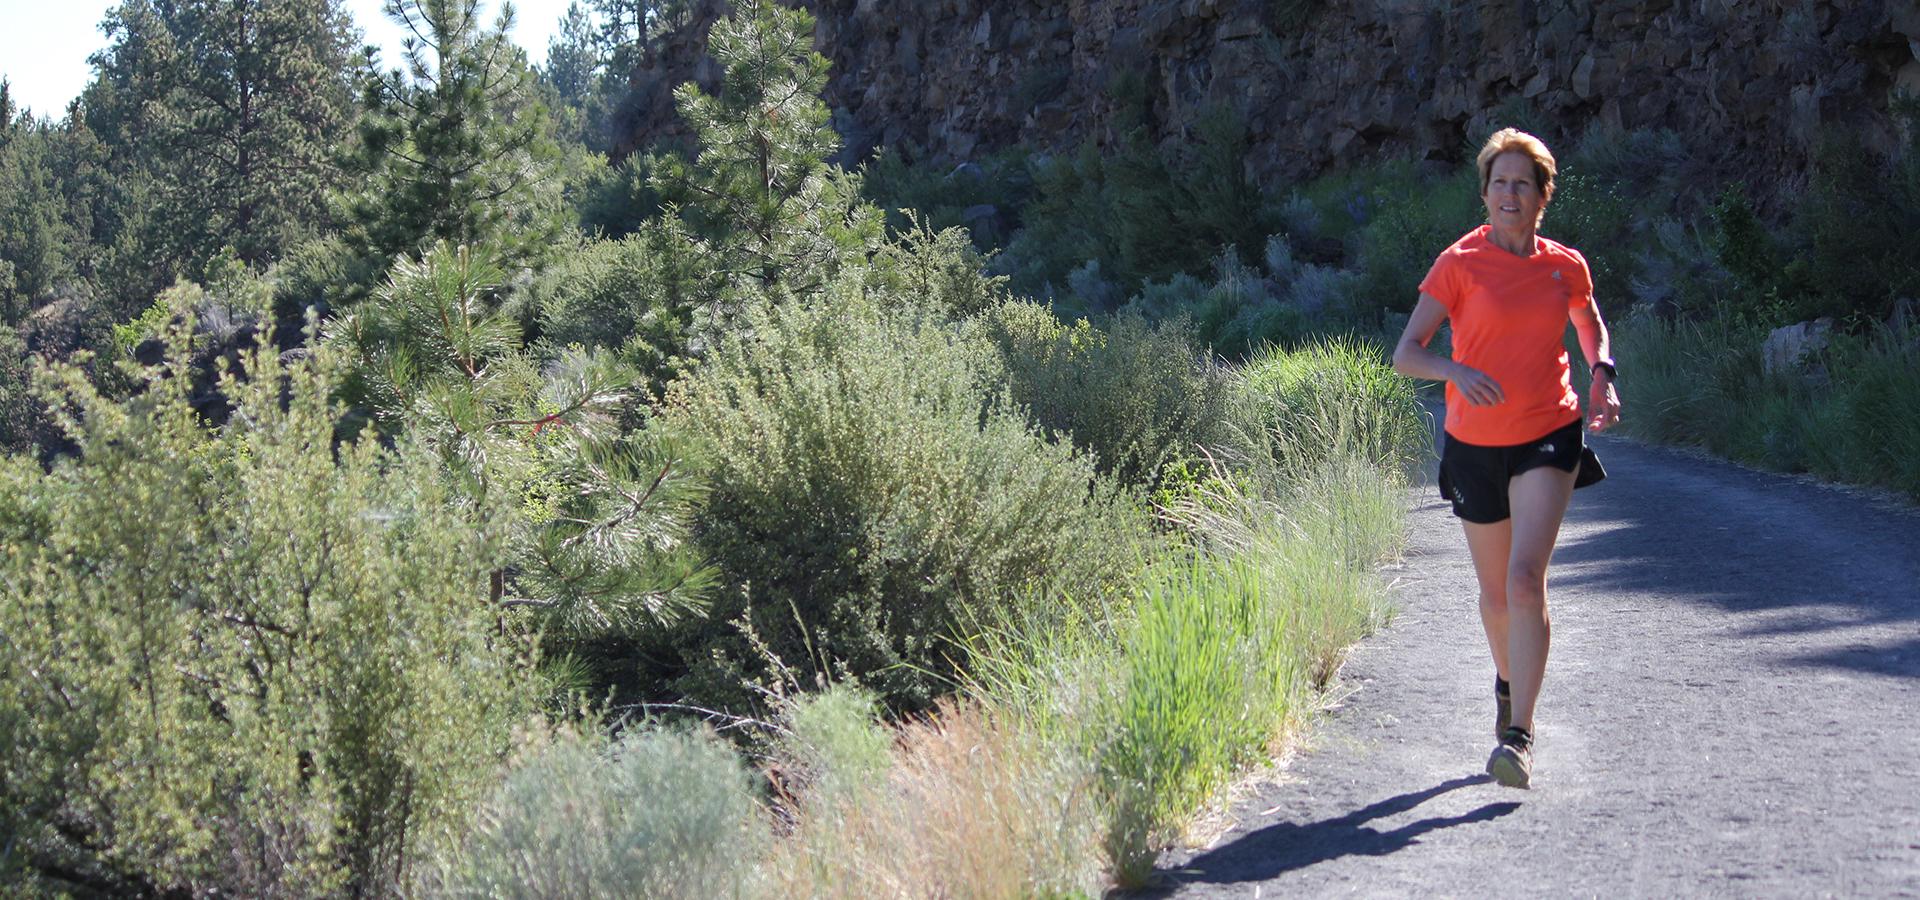 Deschutes River Trail - Awbrey Reach - Bend Parks